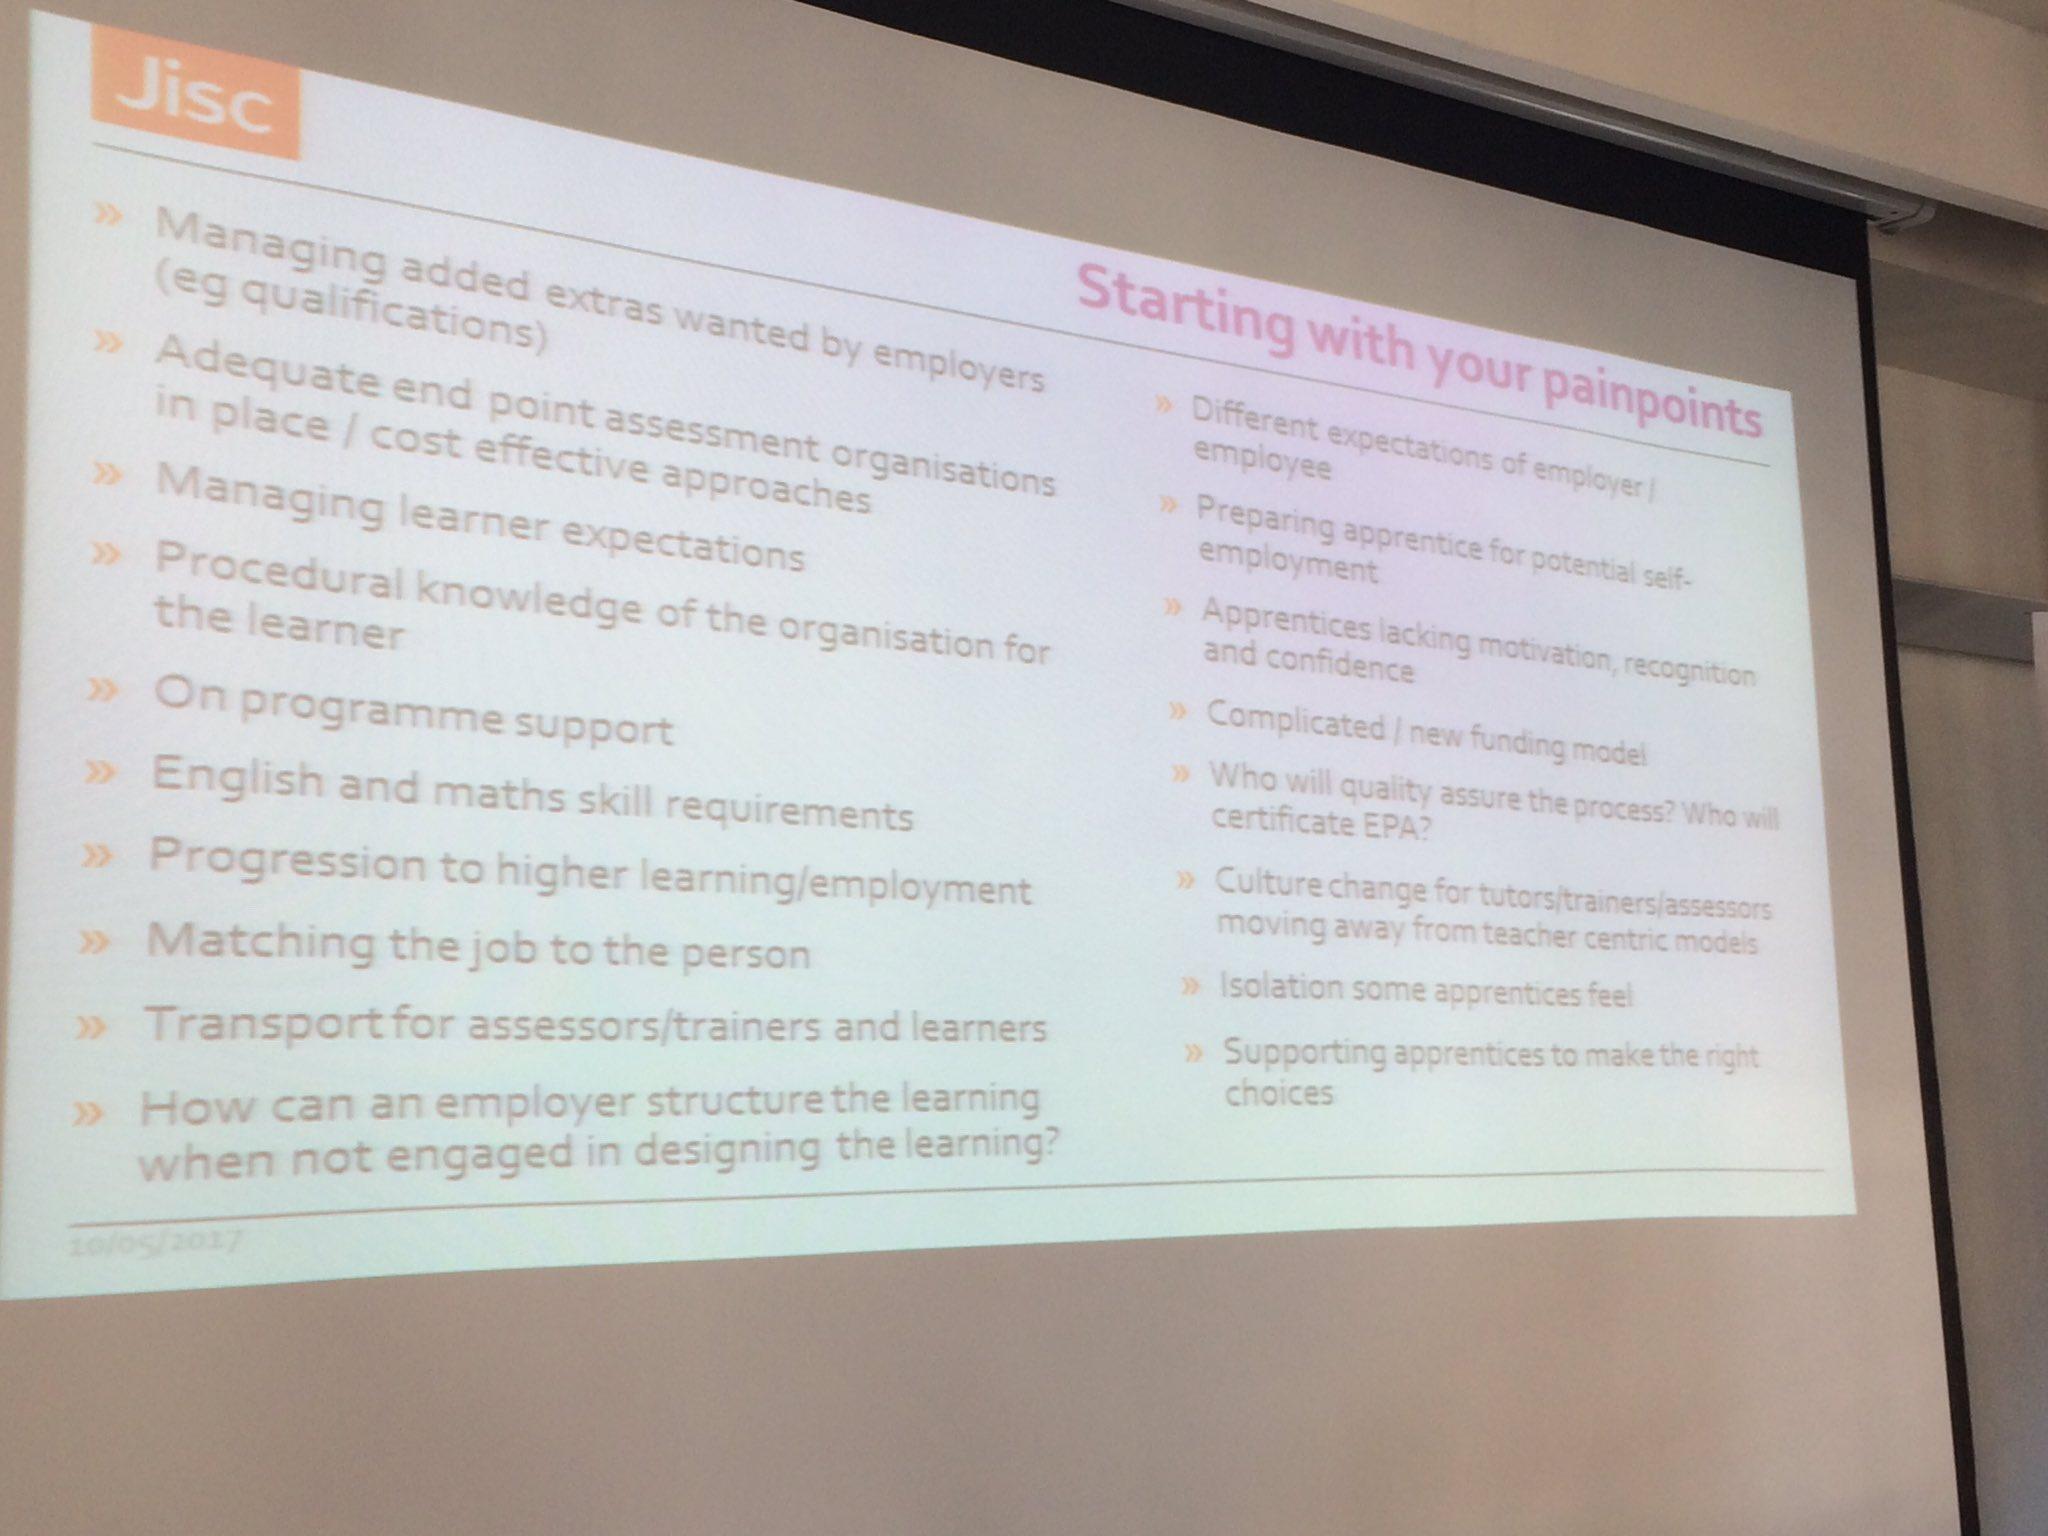 Pain points for #apprenticeships from @Jisc @ljanegray #feltag https://t.co/9cQ1LLZPbm